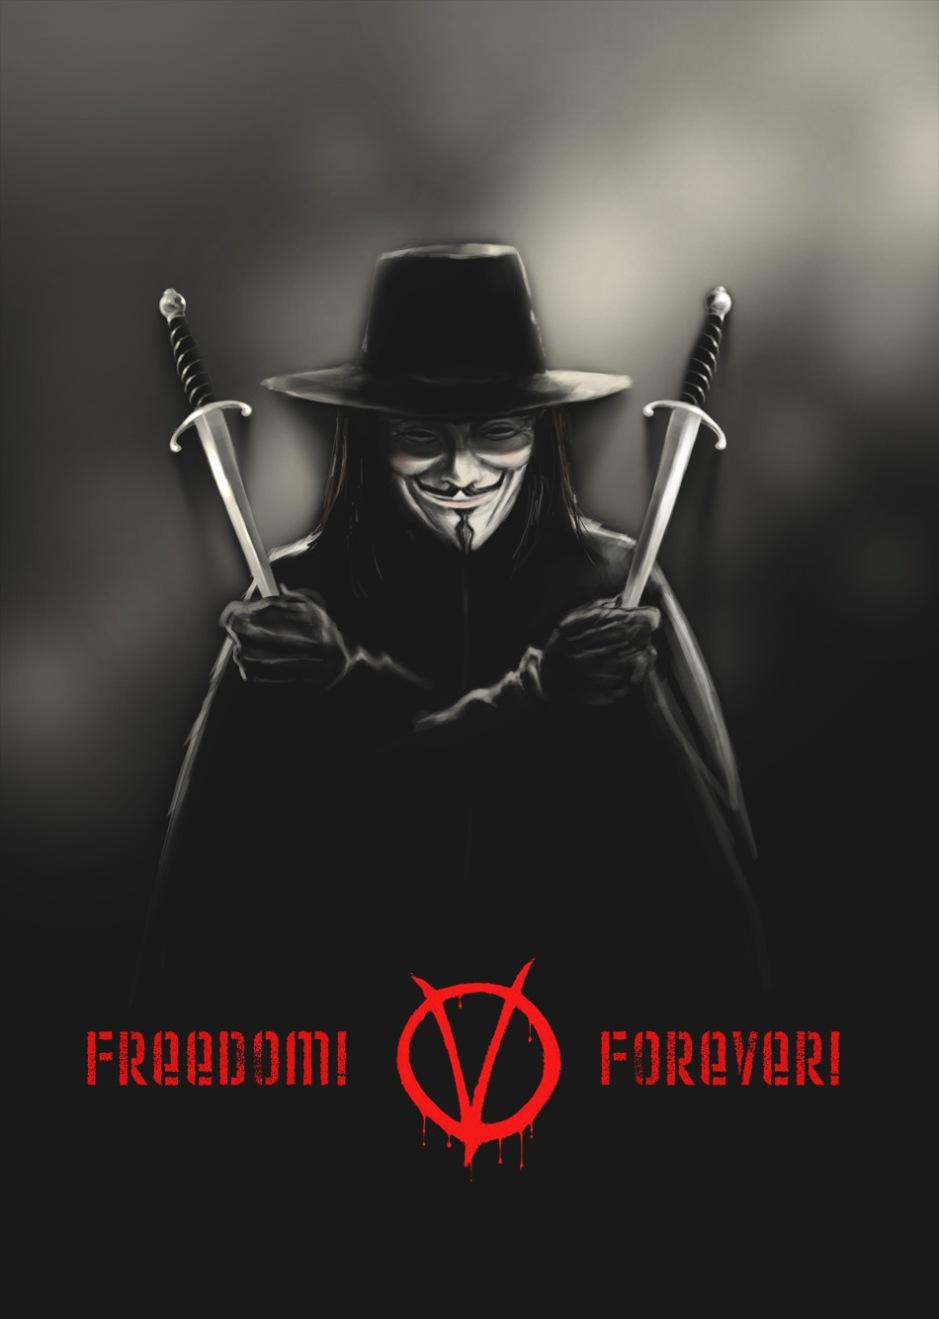 Ironin att webbanarkister valt Guy Fawkes-masken till symbol är närmast för bra: Guy Fawkes ville införa en katolsk gudsstat i England. Han hade mer gemensamt med ISIS eller al-Quaida än med Anonymous.